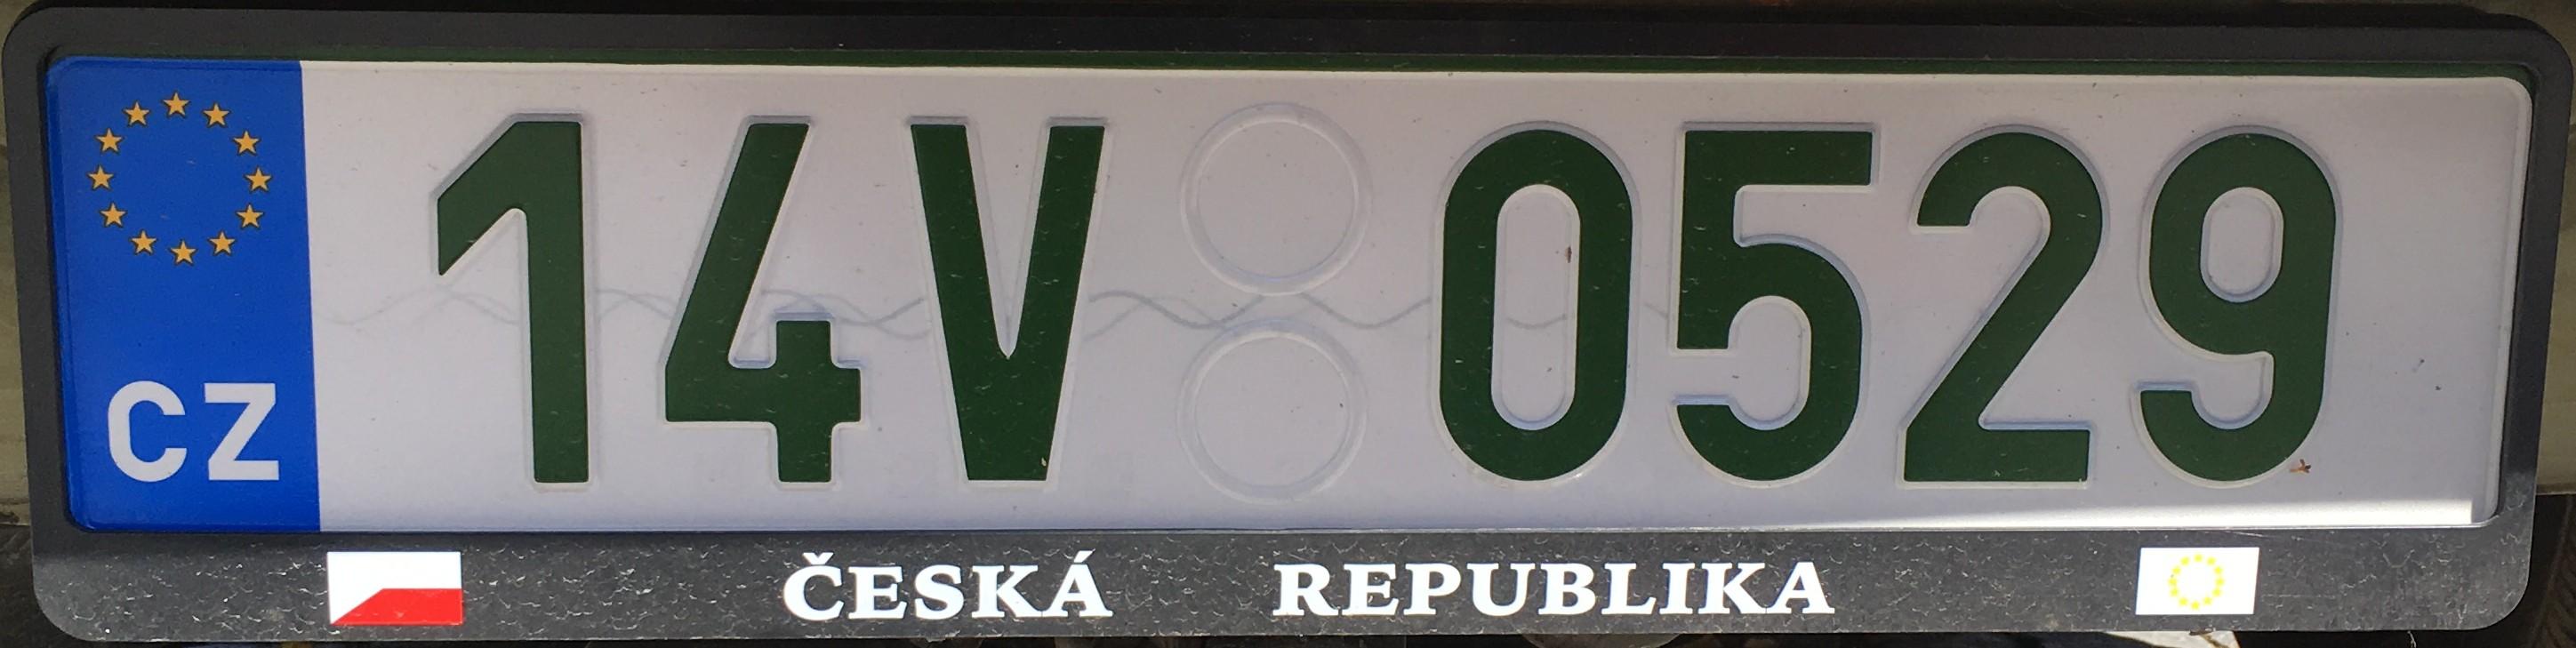 Česká registrační značka - veteránská ze Zlínského kraje